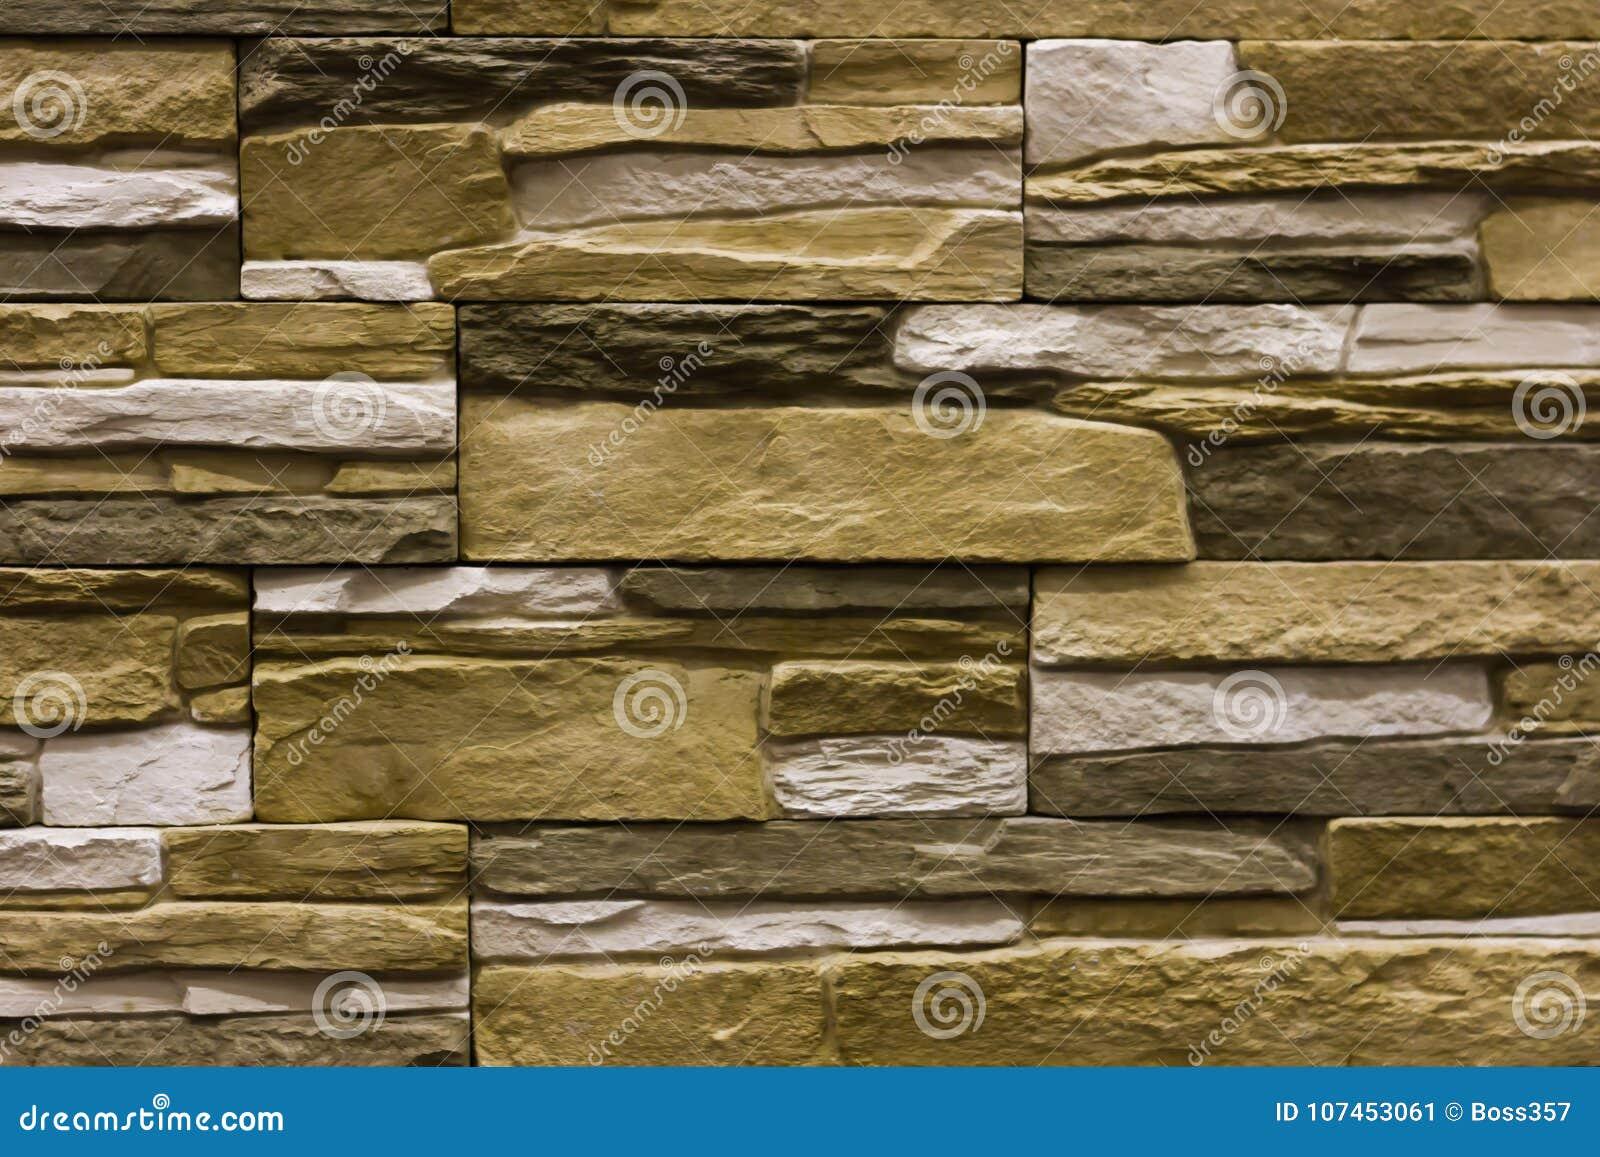 Fachada de piedra natural beige textura de las tejas de la pared imagen de archivo imagen de - Pared de piedra natural ...